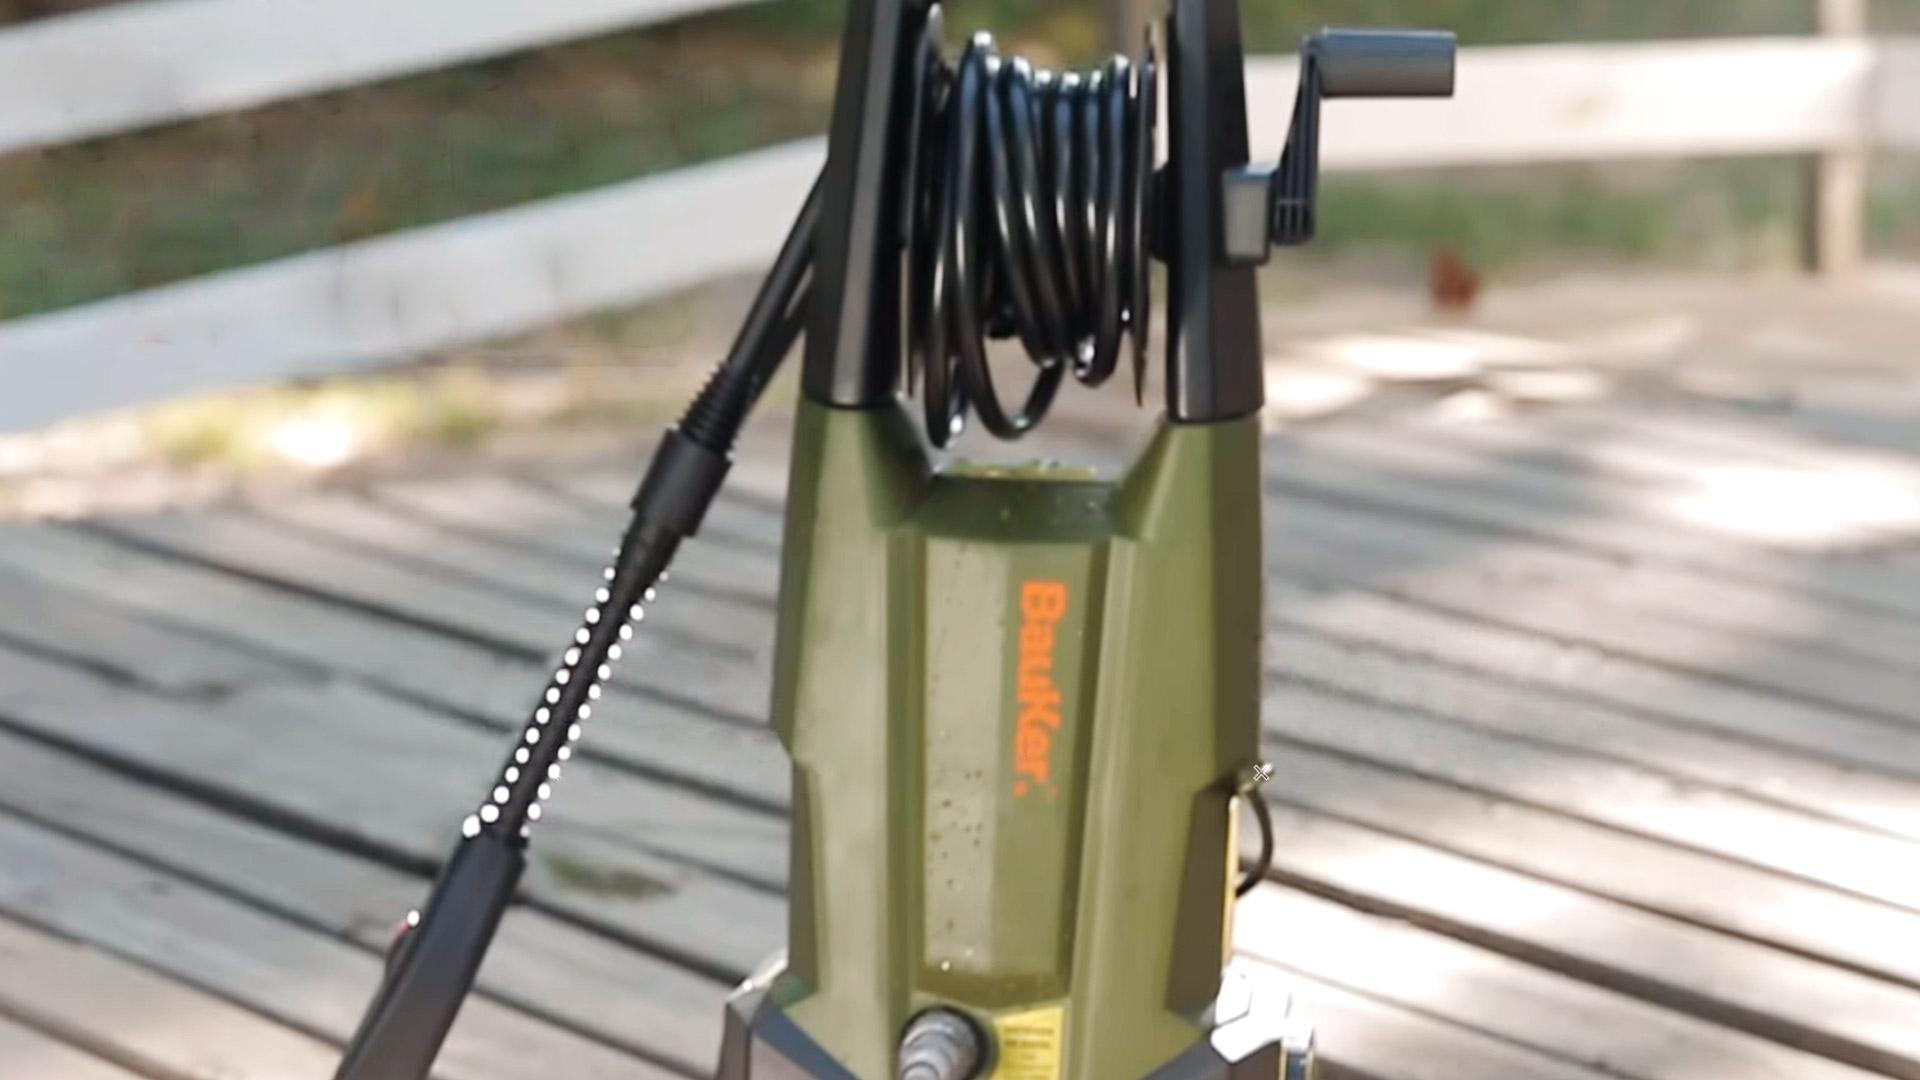 En este útil video, te enseñamos cómo utilizar una hidrolavadora: esa potente herramienta que ayuda a limpiar de manera efectiva autos, terrazas, cortinas, rejas, incluso la fachada de tu casa…. ¡Y mucho más!